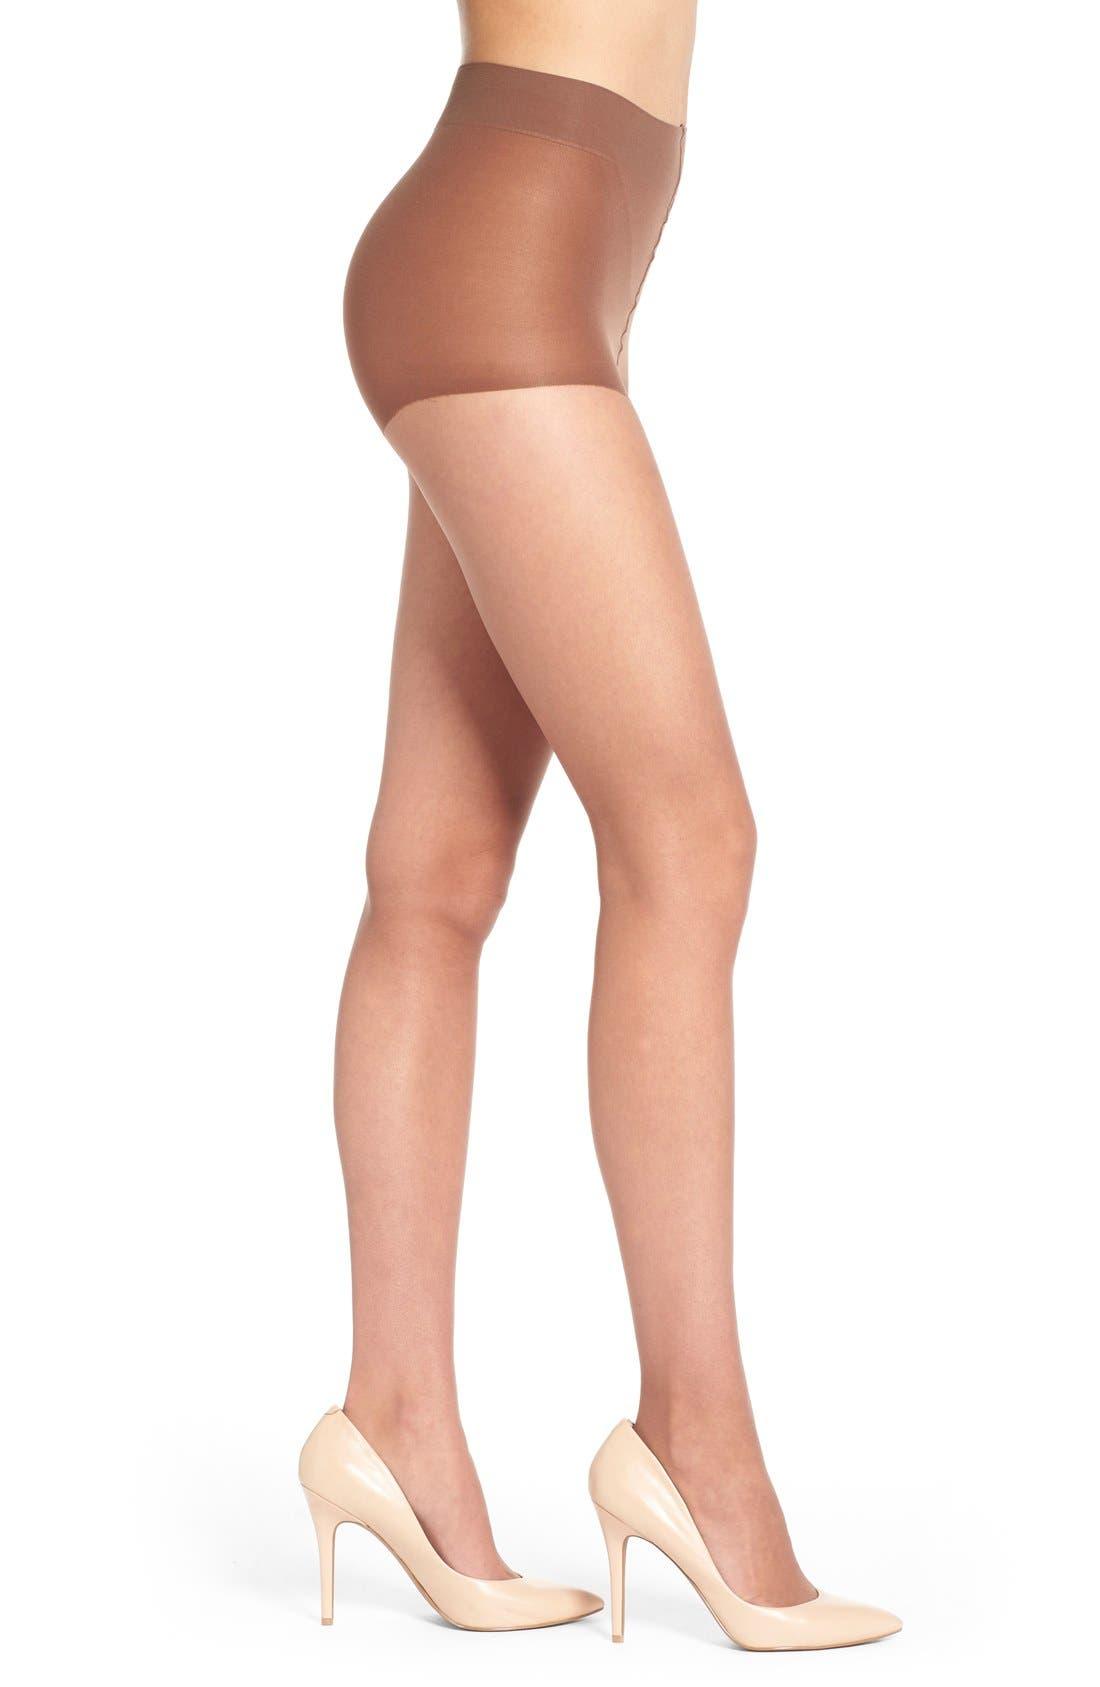 Women In Pantyhose Links